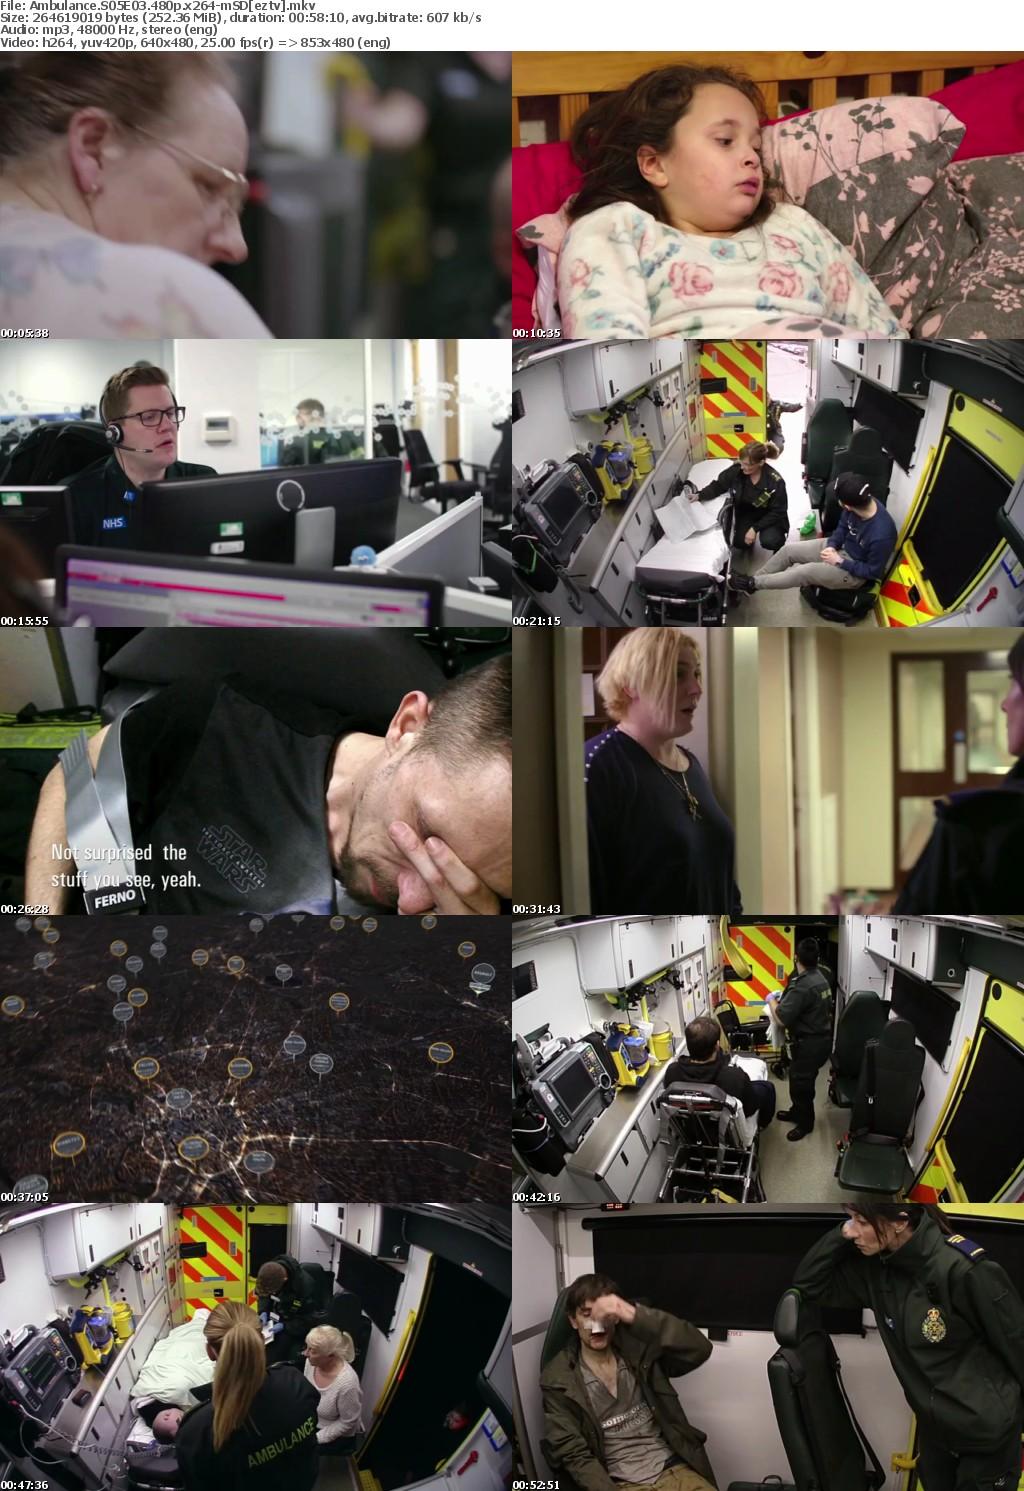 Ambulance S05E03 480p x264-mSD